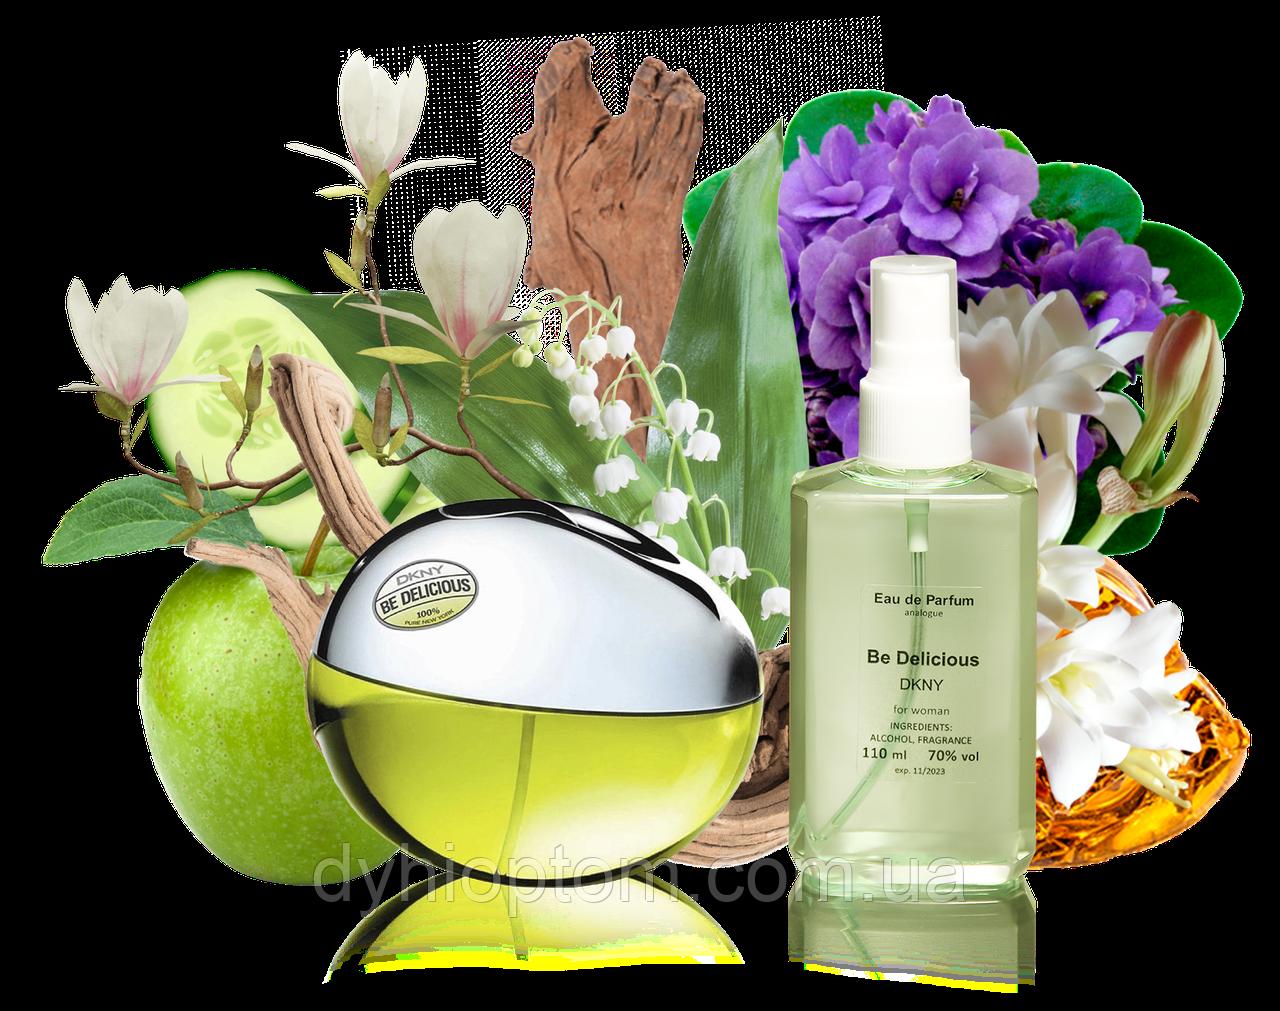 Аналог женского парфюма DKNY Be Delicious 110ml в пластике